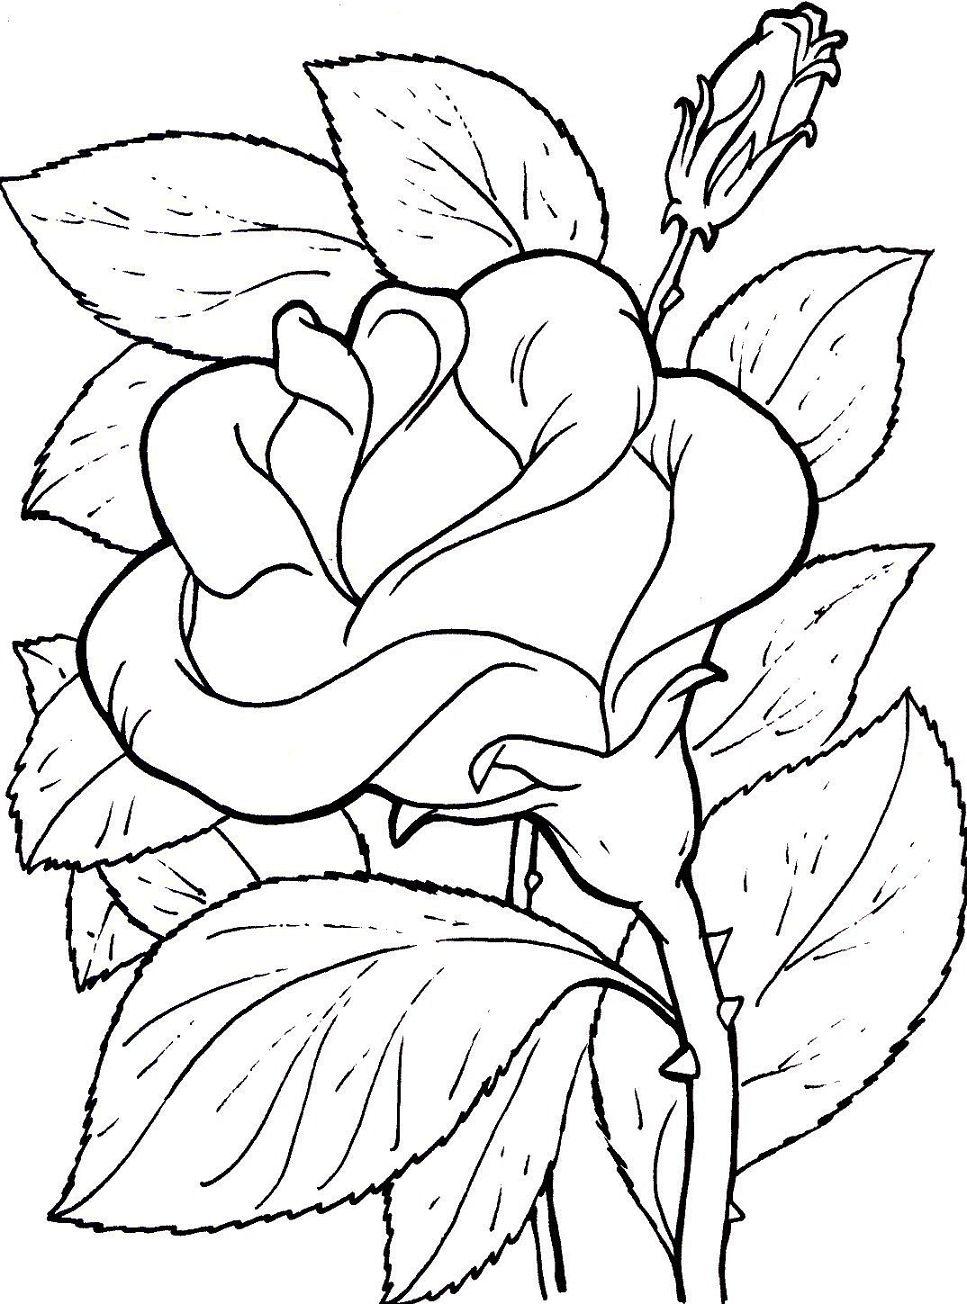 Imagenes de flores para colorear y dibujar - Plantillas para dibujar en la pared ...